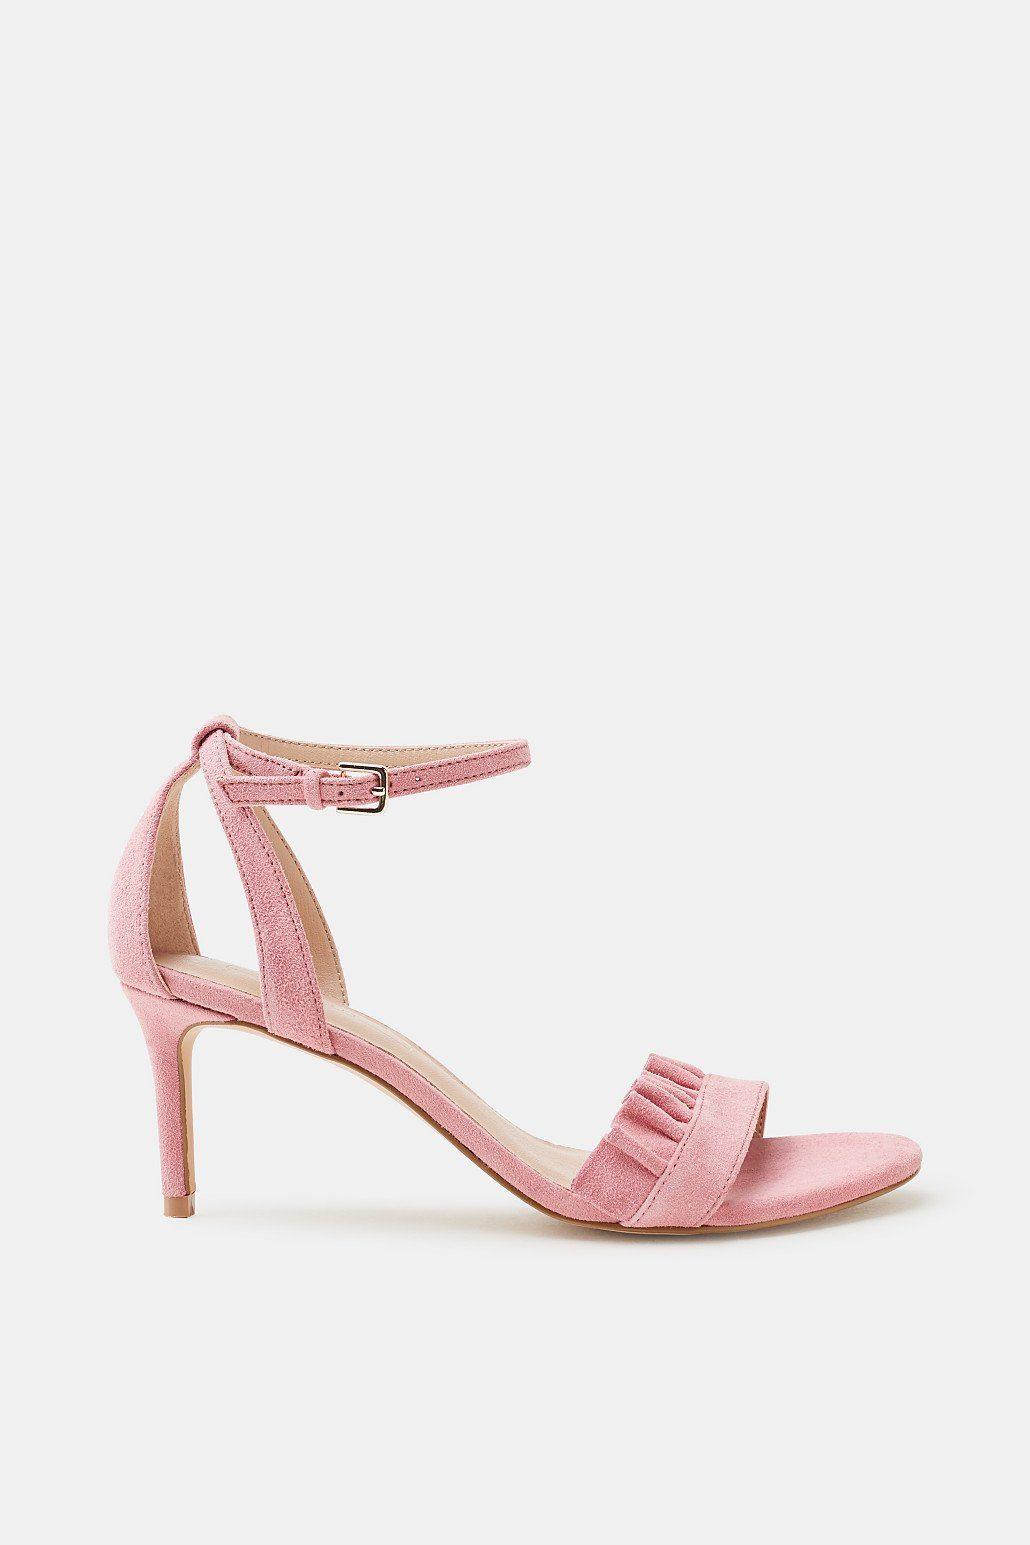 ESPRIT Sandalette mit gerüschtem Riemen, aus Veloursleder online kaufen  OLD PINK